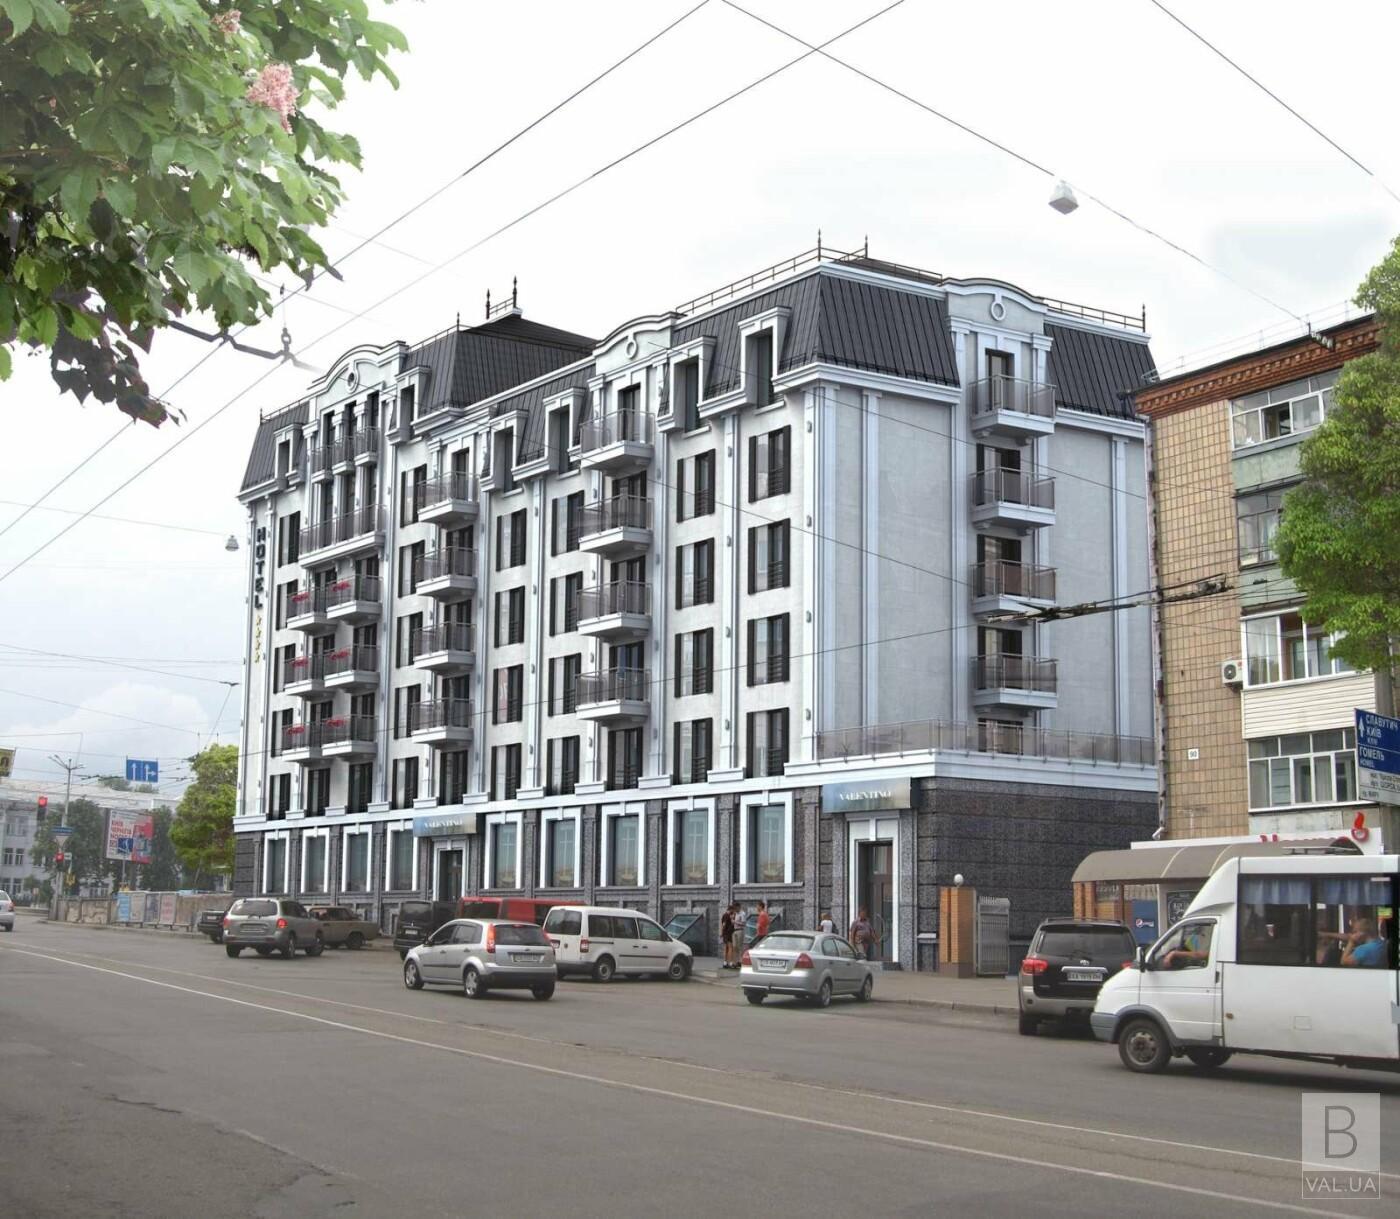 Реконструкція готелю «Україна» у Чернігові: що зміниться? ФОТО